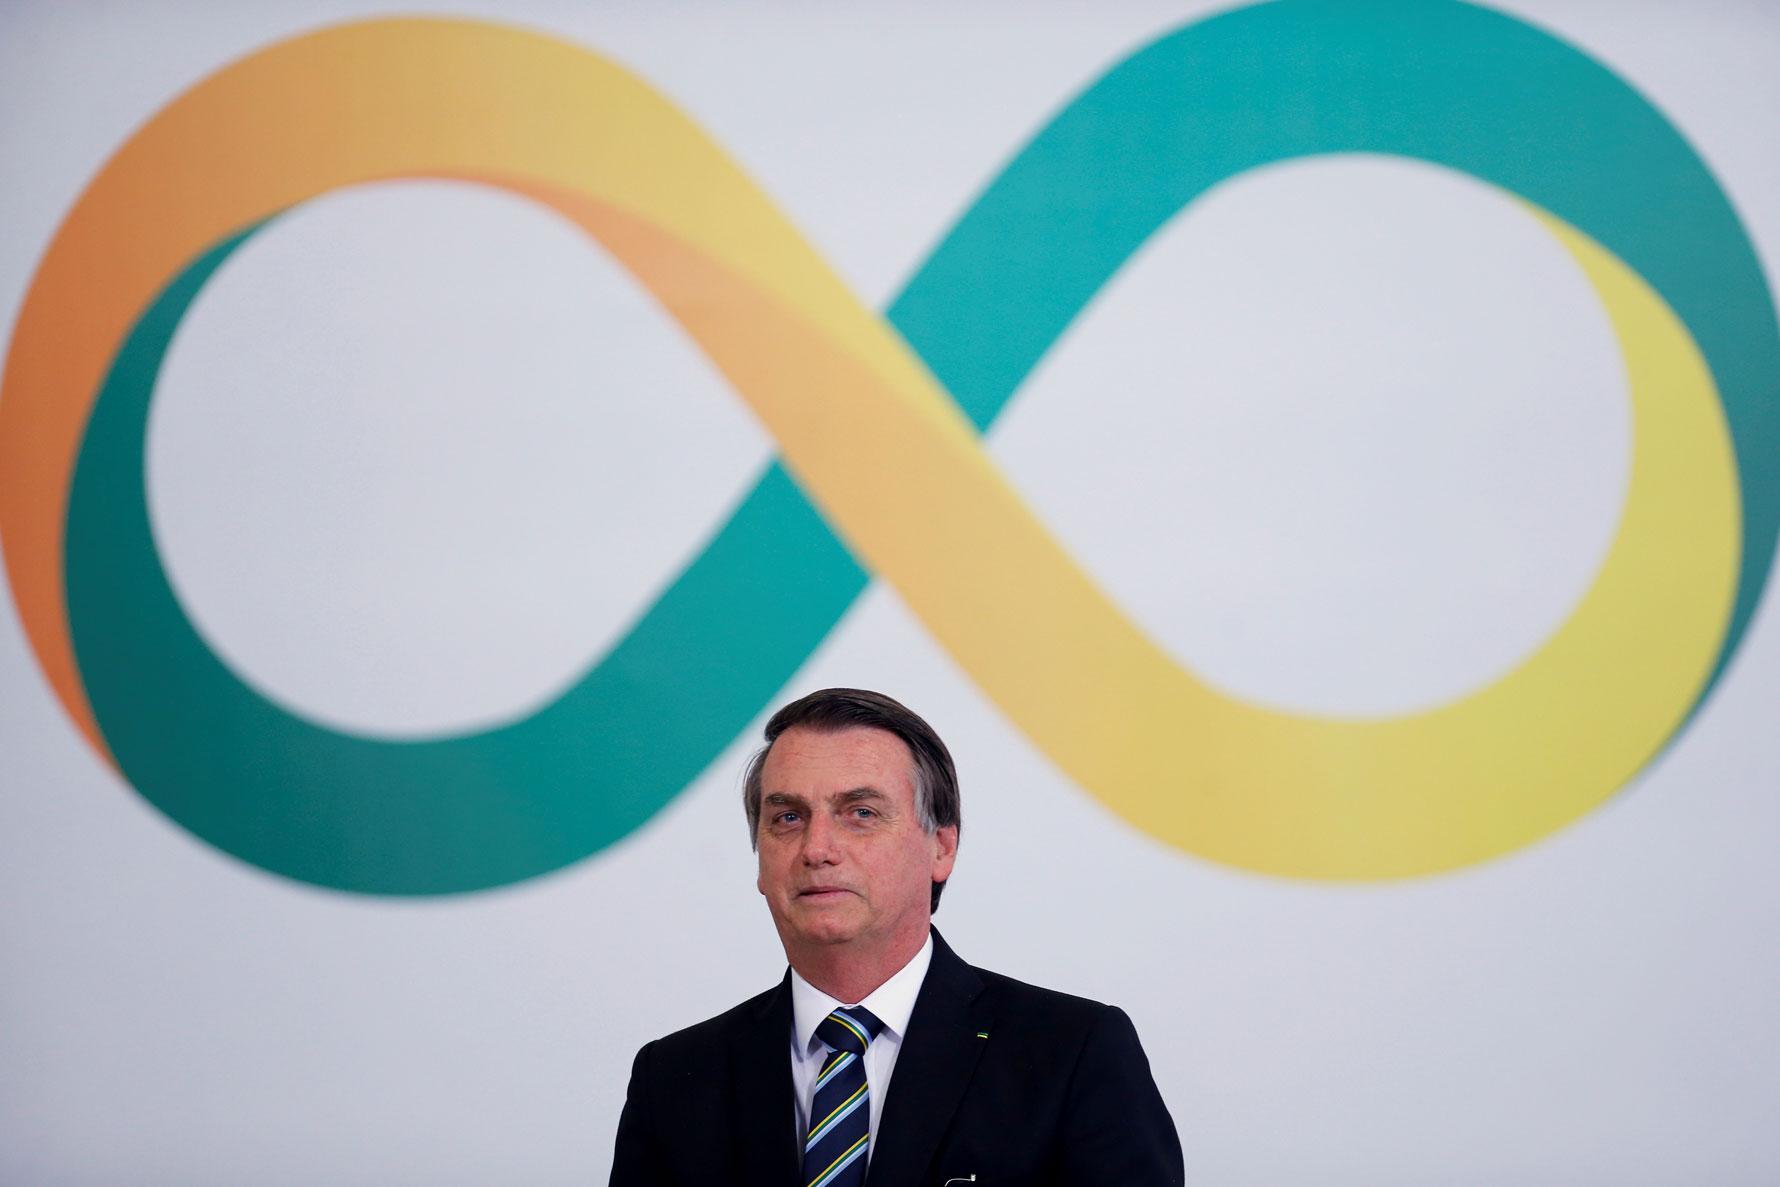 Análisis | Bolsonaro, un colonialista brasileño